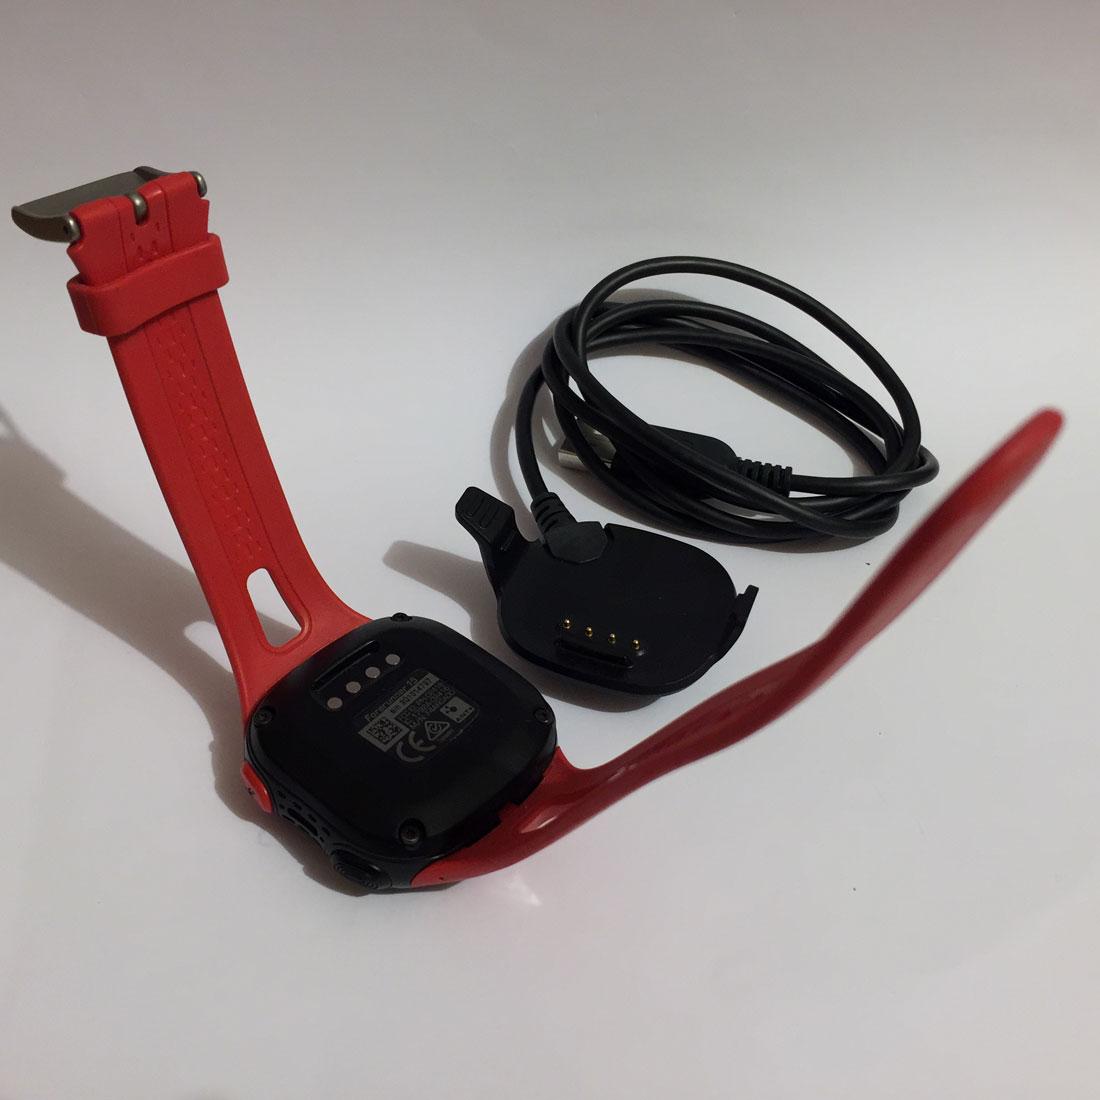 Le câble USB utilisé pour recharger et transférer les données de la montre GPS de running Garmin Forerunner 15. Ph. Moctar KANE.